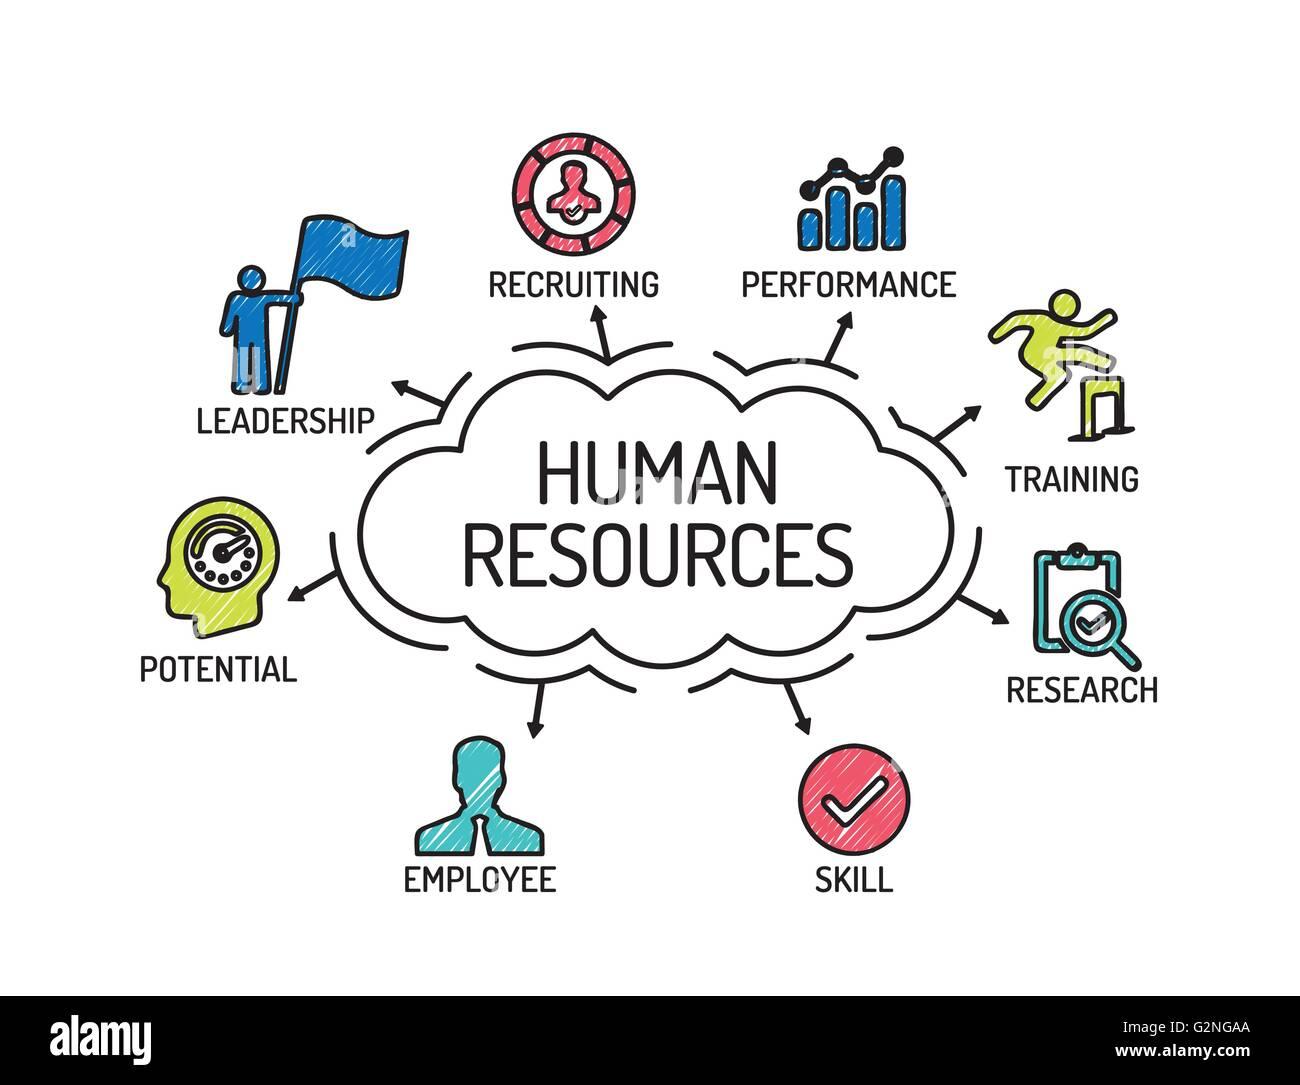 Human Resources Diagramm Mit Keywords Und Symbole Skizze